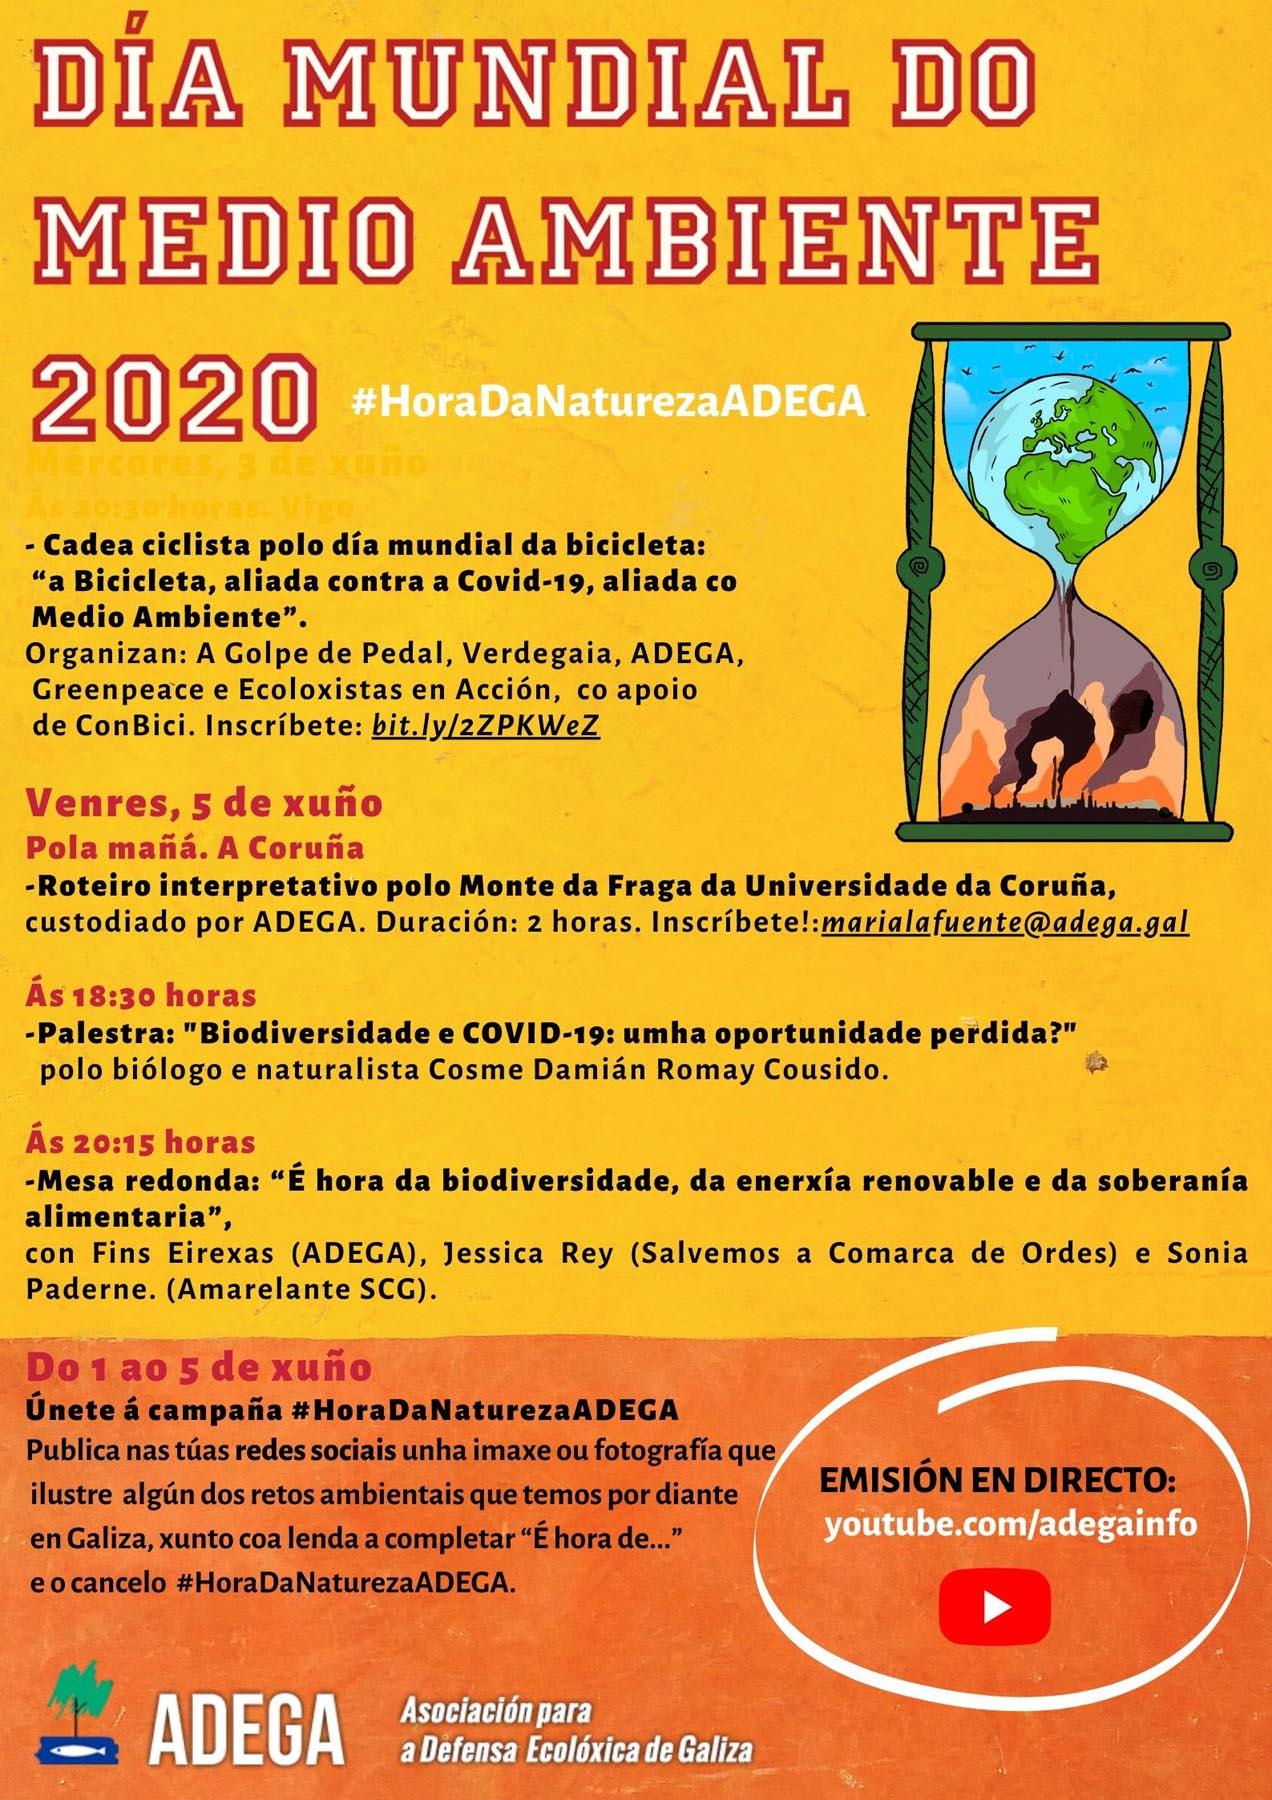 #HoraDaNaturezaADEGA - Campaña en redes sociais na Semana do Medio Ambiente